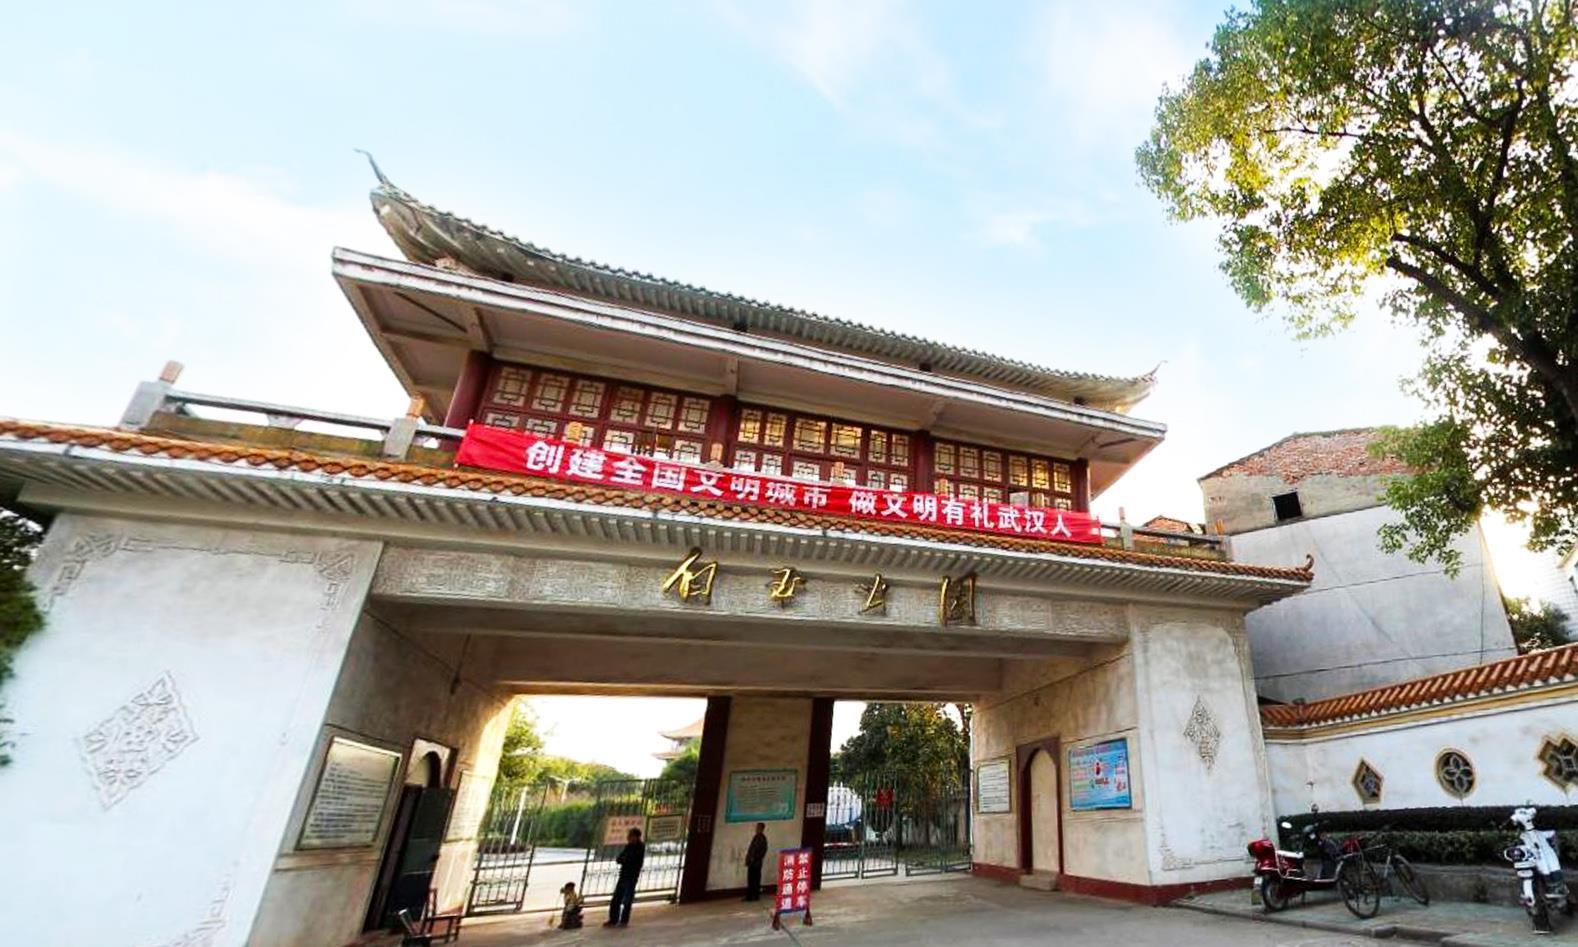 游览武汉城区小众公园:建在郊区僻静湖畔,老旧建筑尘封旧时光